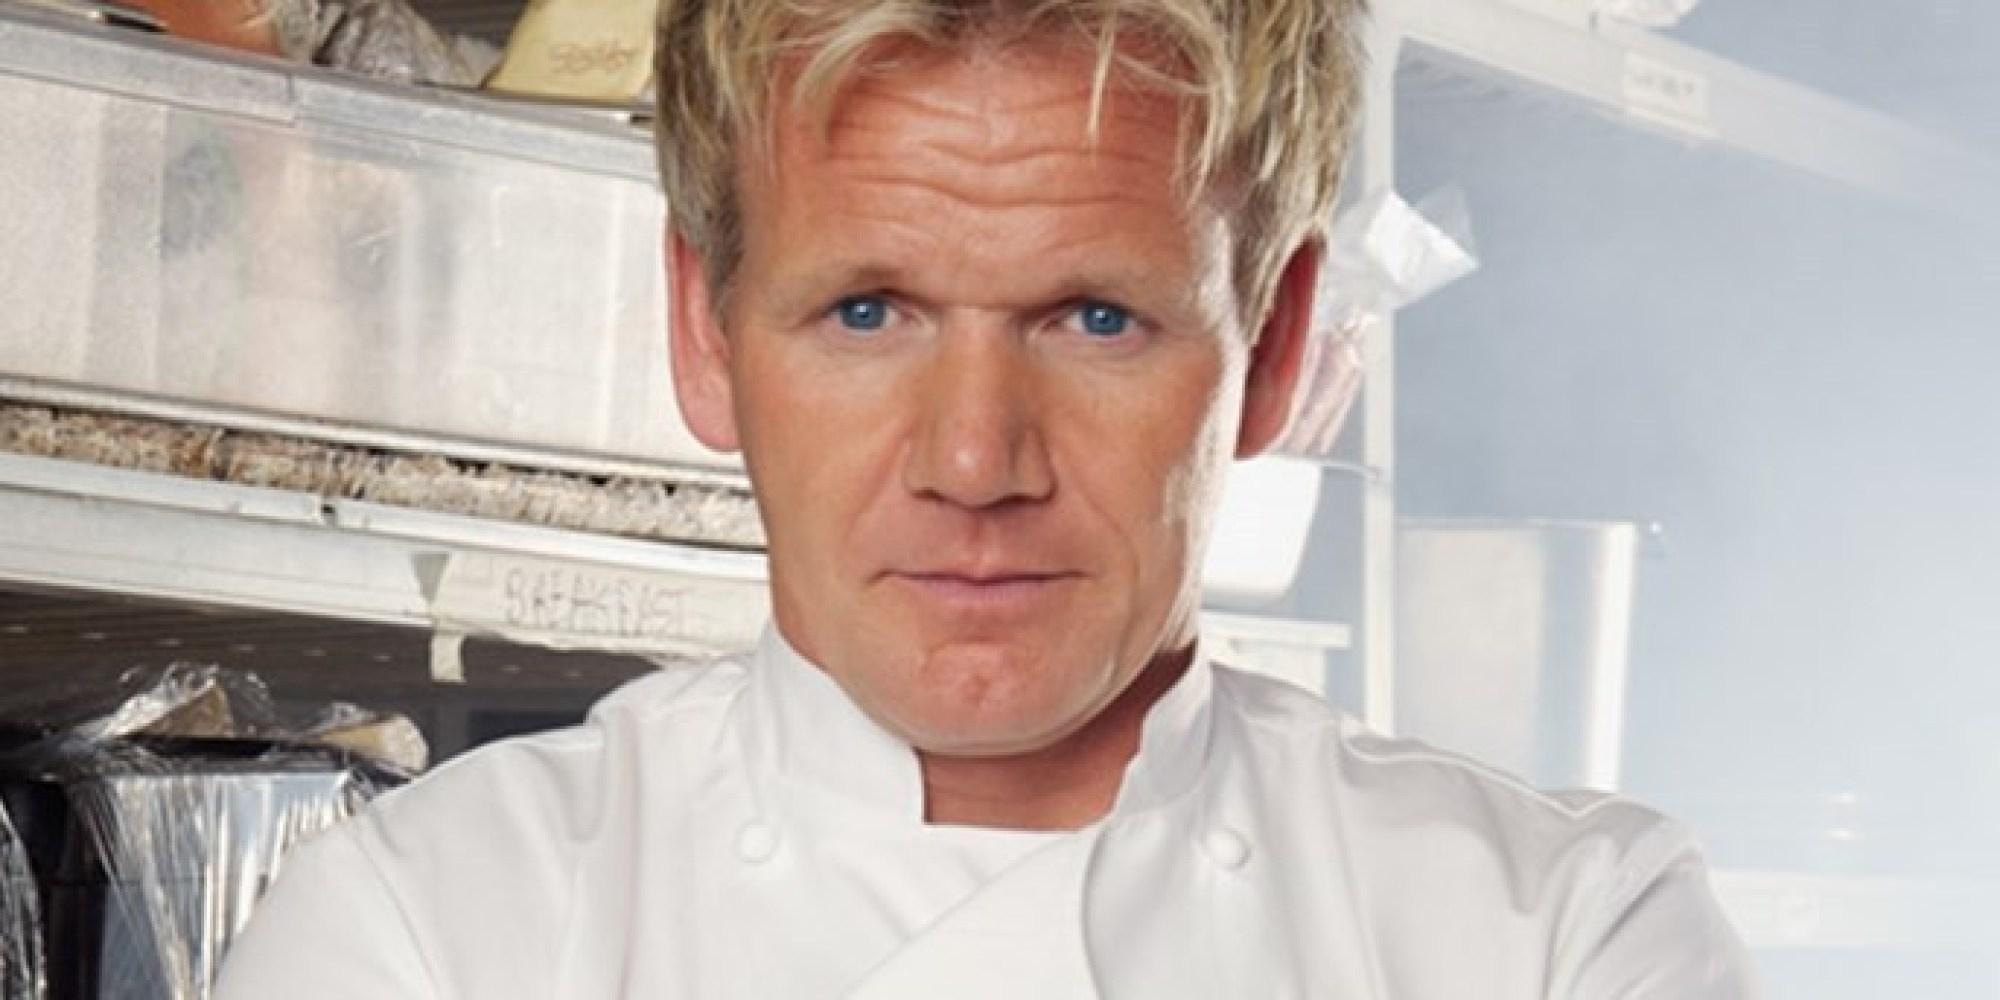 Cauchemar En Cuisine Ramsay Streaming Beau Photos Cauchemard En Cuisine Idées Inspirées Pour La Maison Lexib